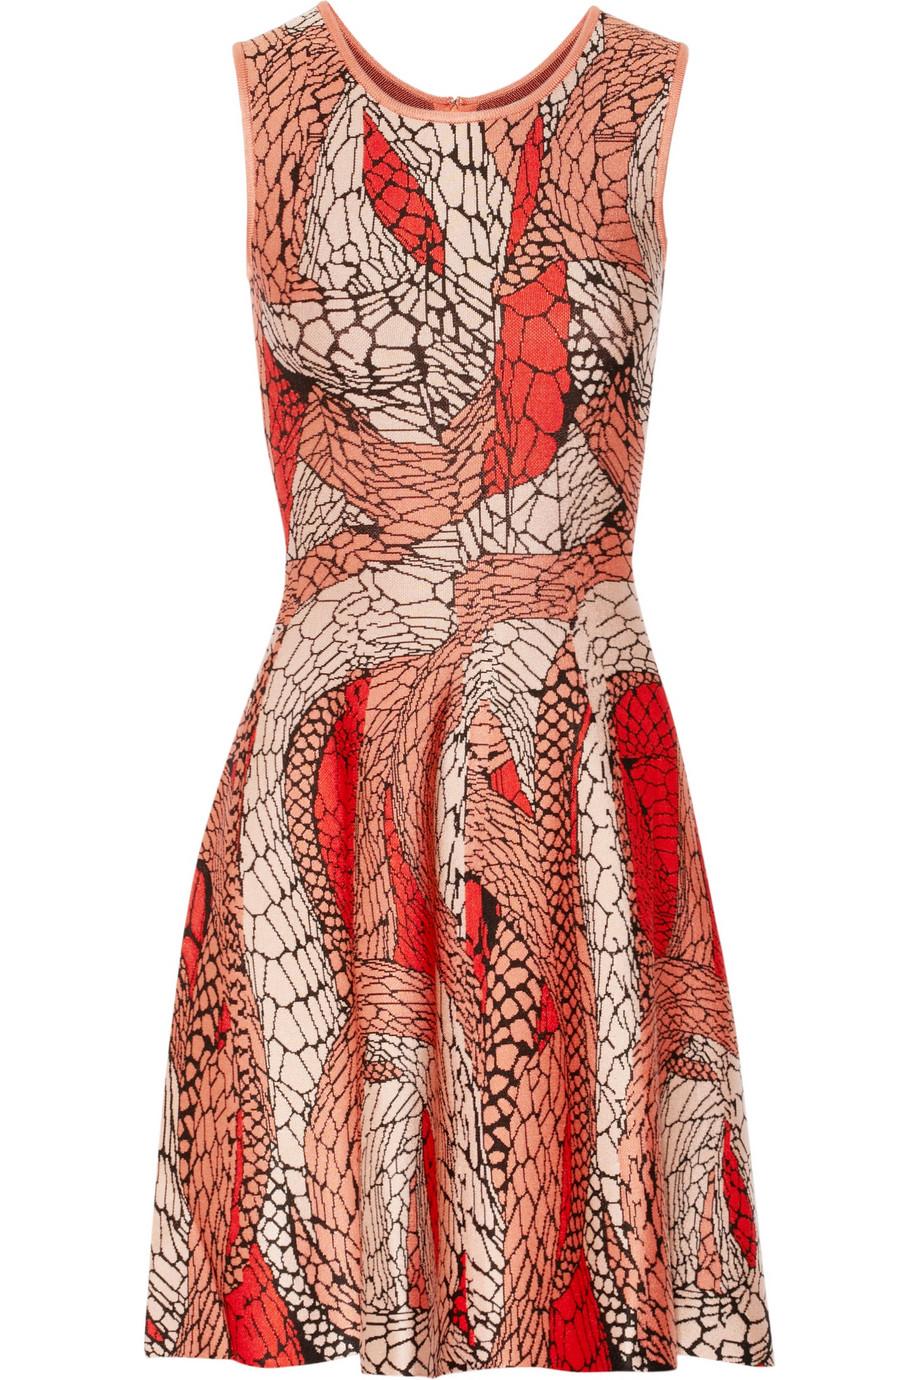 Jacquard dress – 60% at the outnet.com